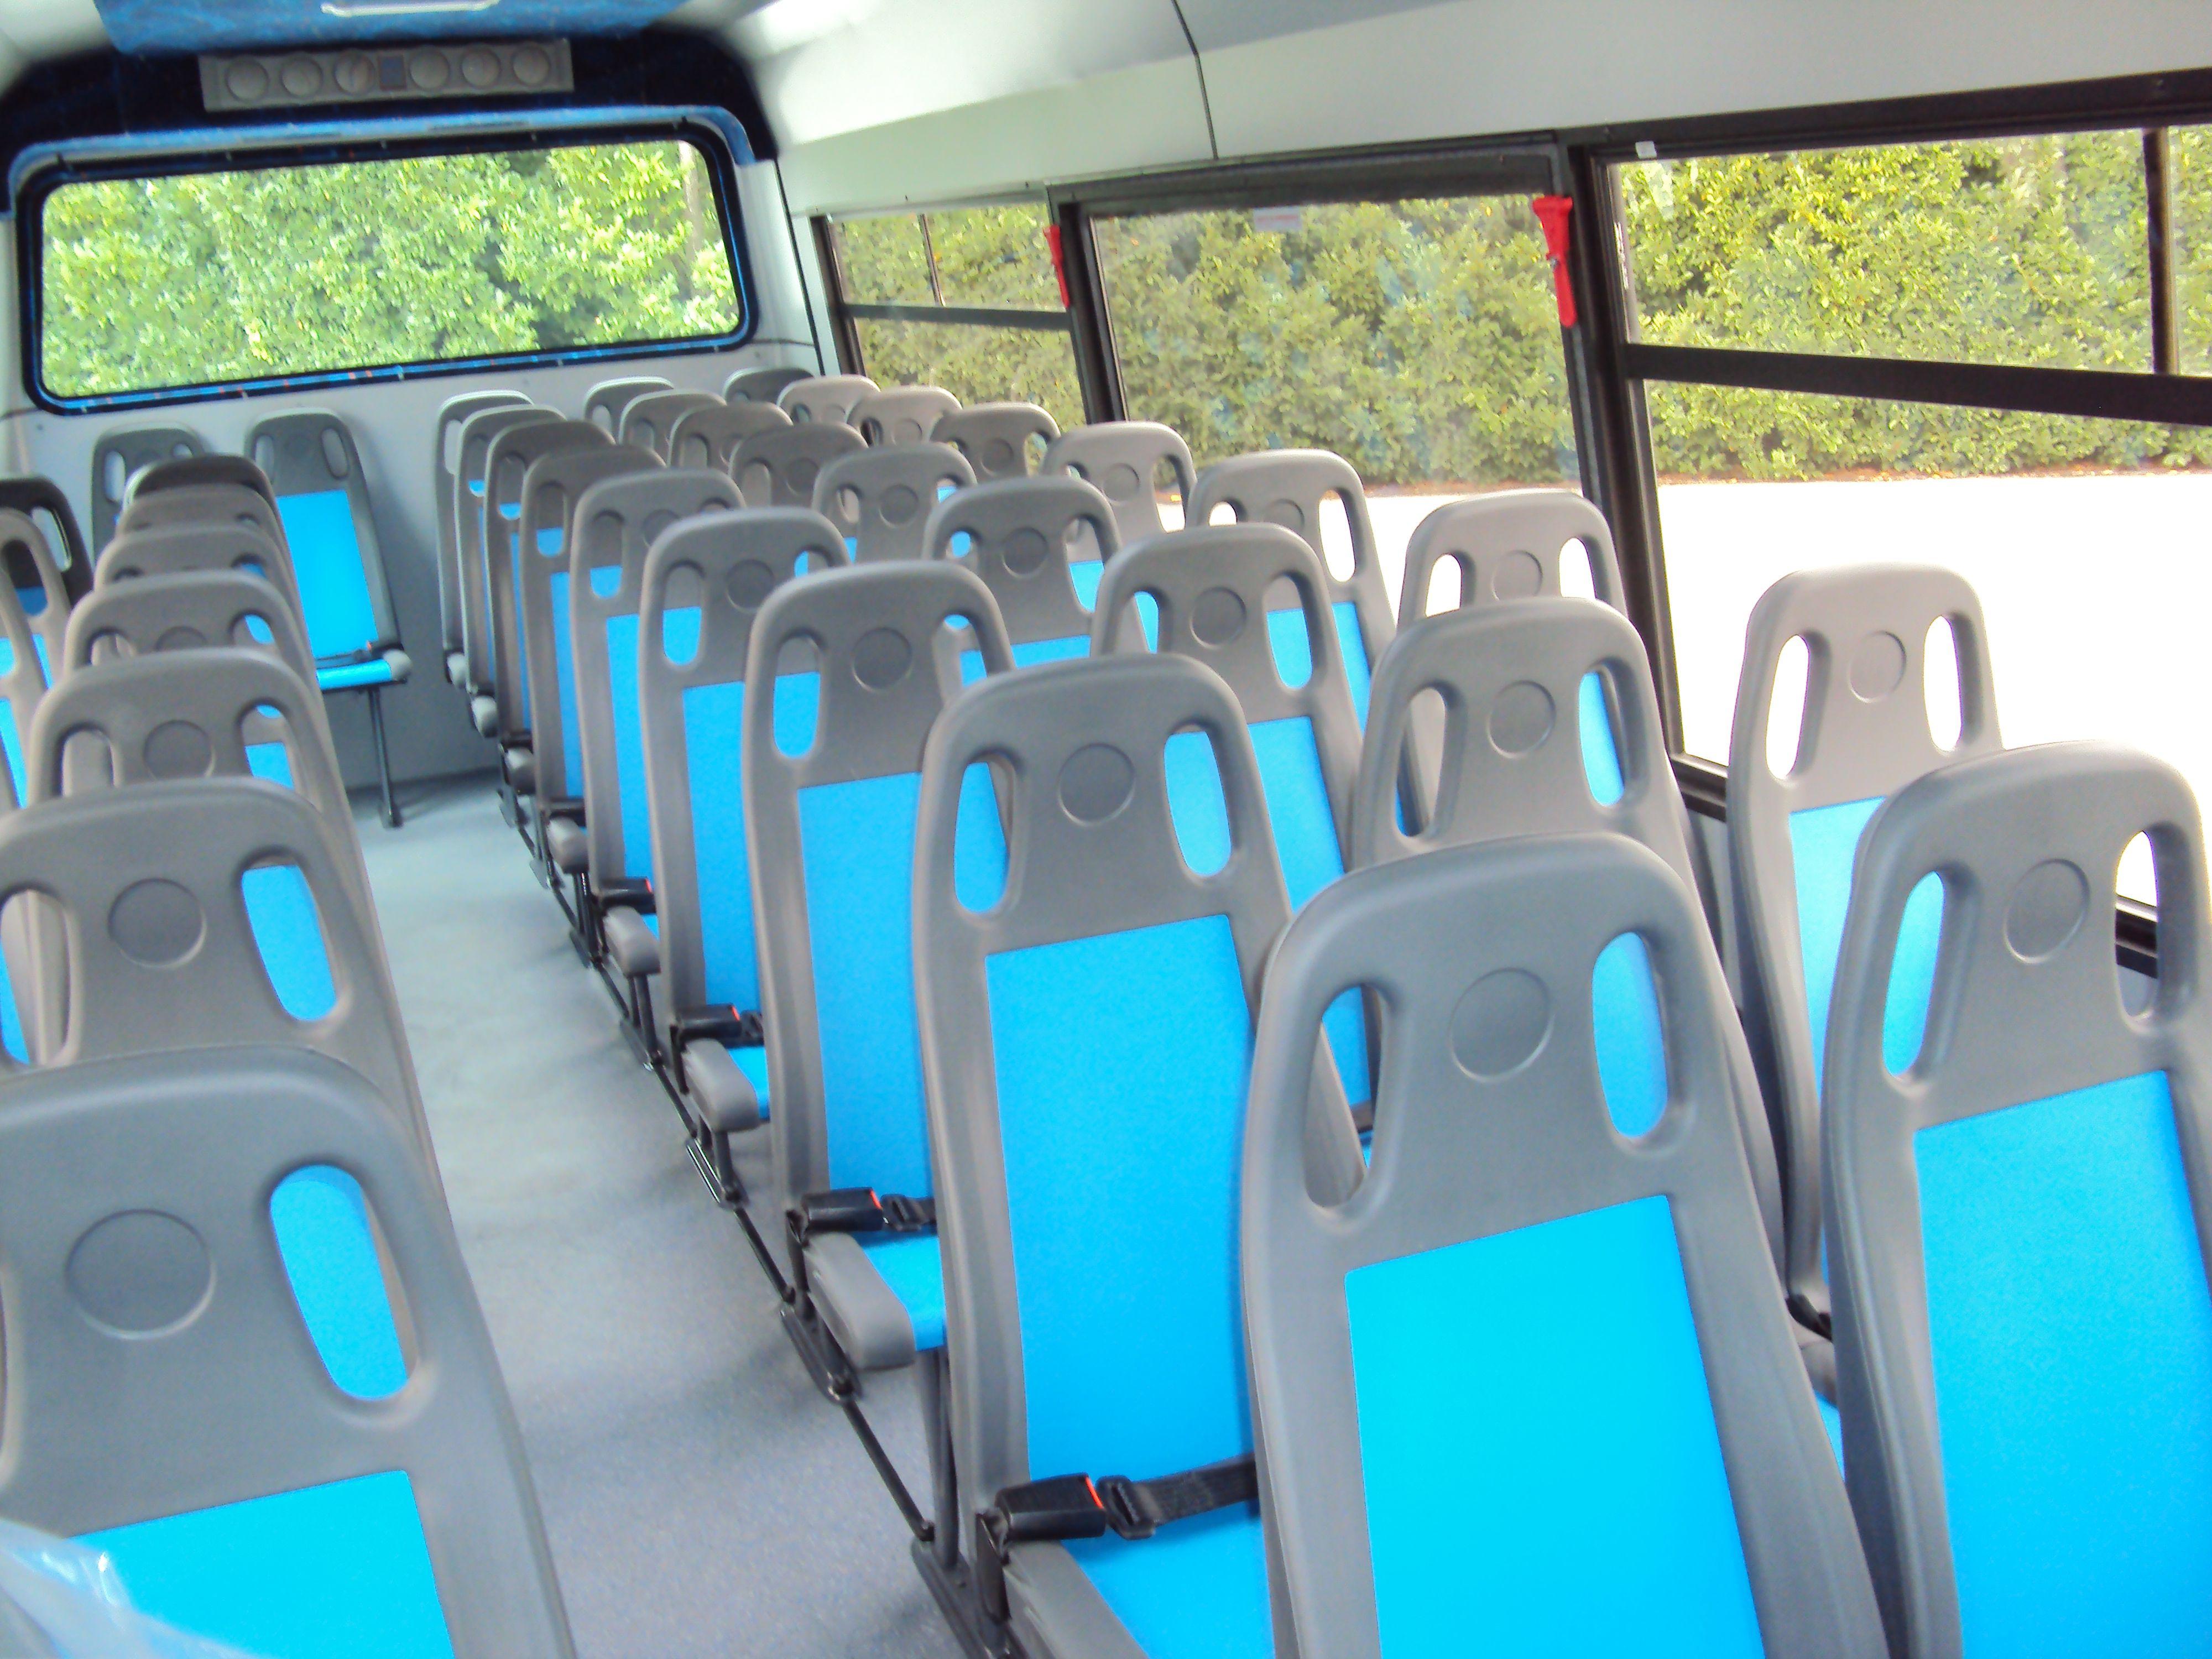 Posti a sedere di un bus